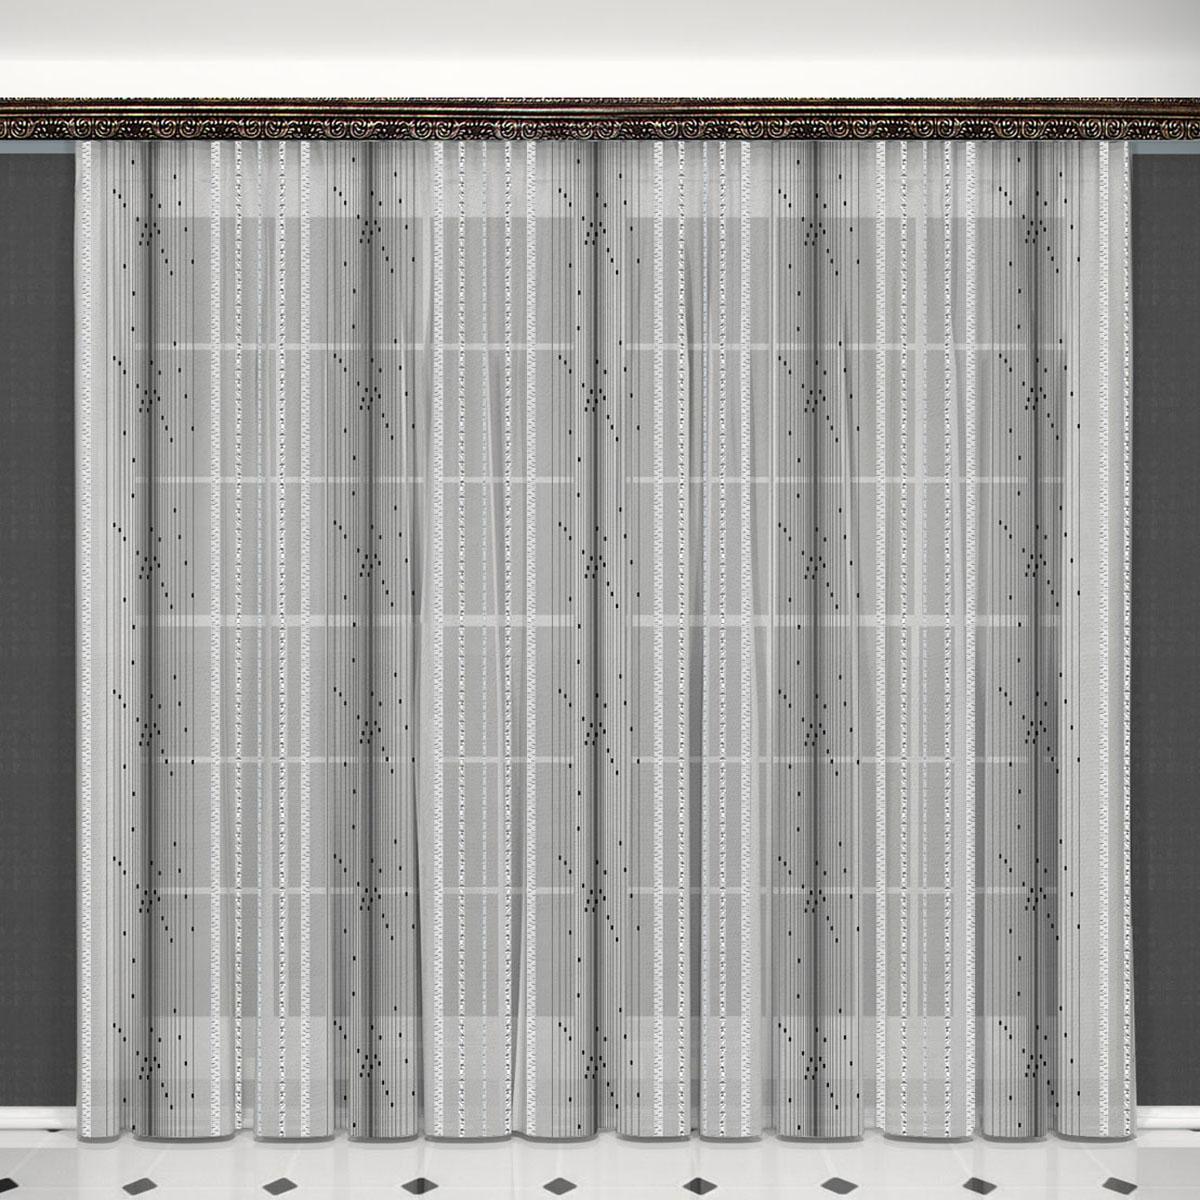 Гардина Zlata Korunka, на ленте, цвет: серый, высота 260 см. 5563355633Воздушная гардина Zlata Korunka, изготовленная из высококачественного полиэстера, станет великолепным украшением любого окна. Оригинальное оформление гардины внесет разнообразие и подарит заряд положительного настроения.Крепится при помощи шторной ленты.